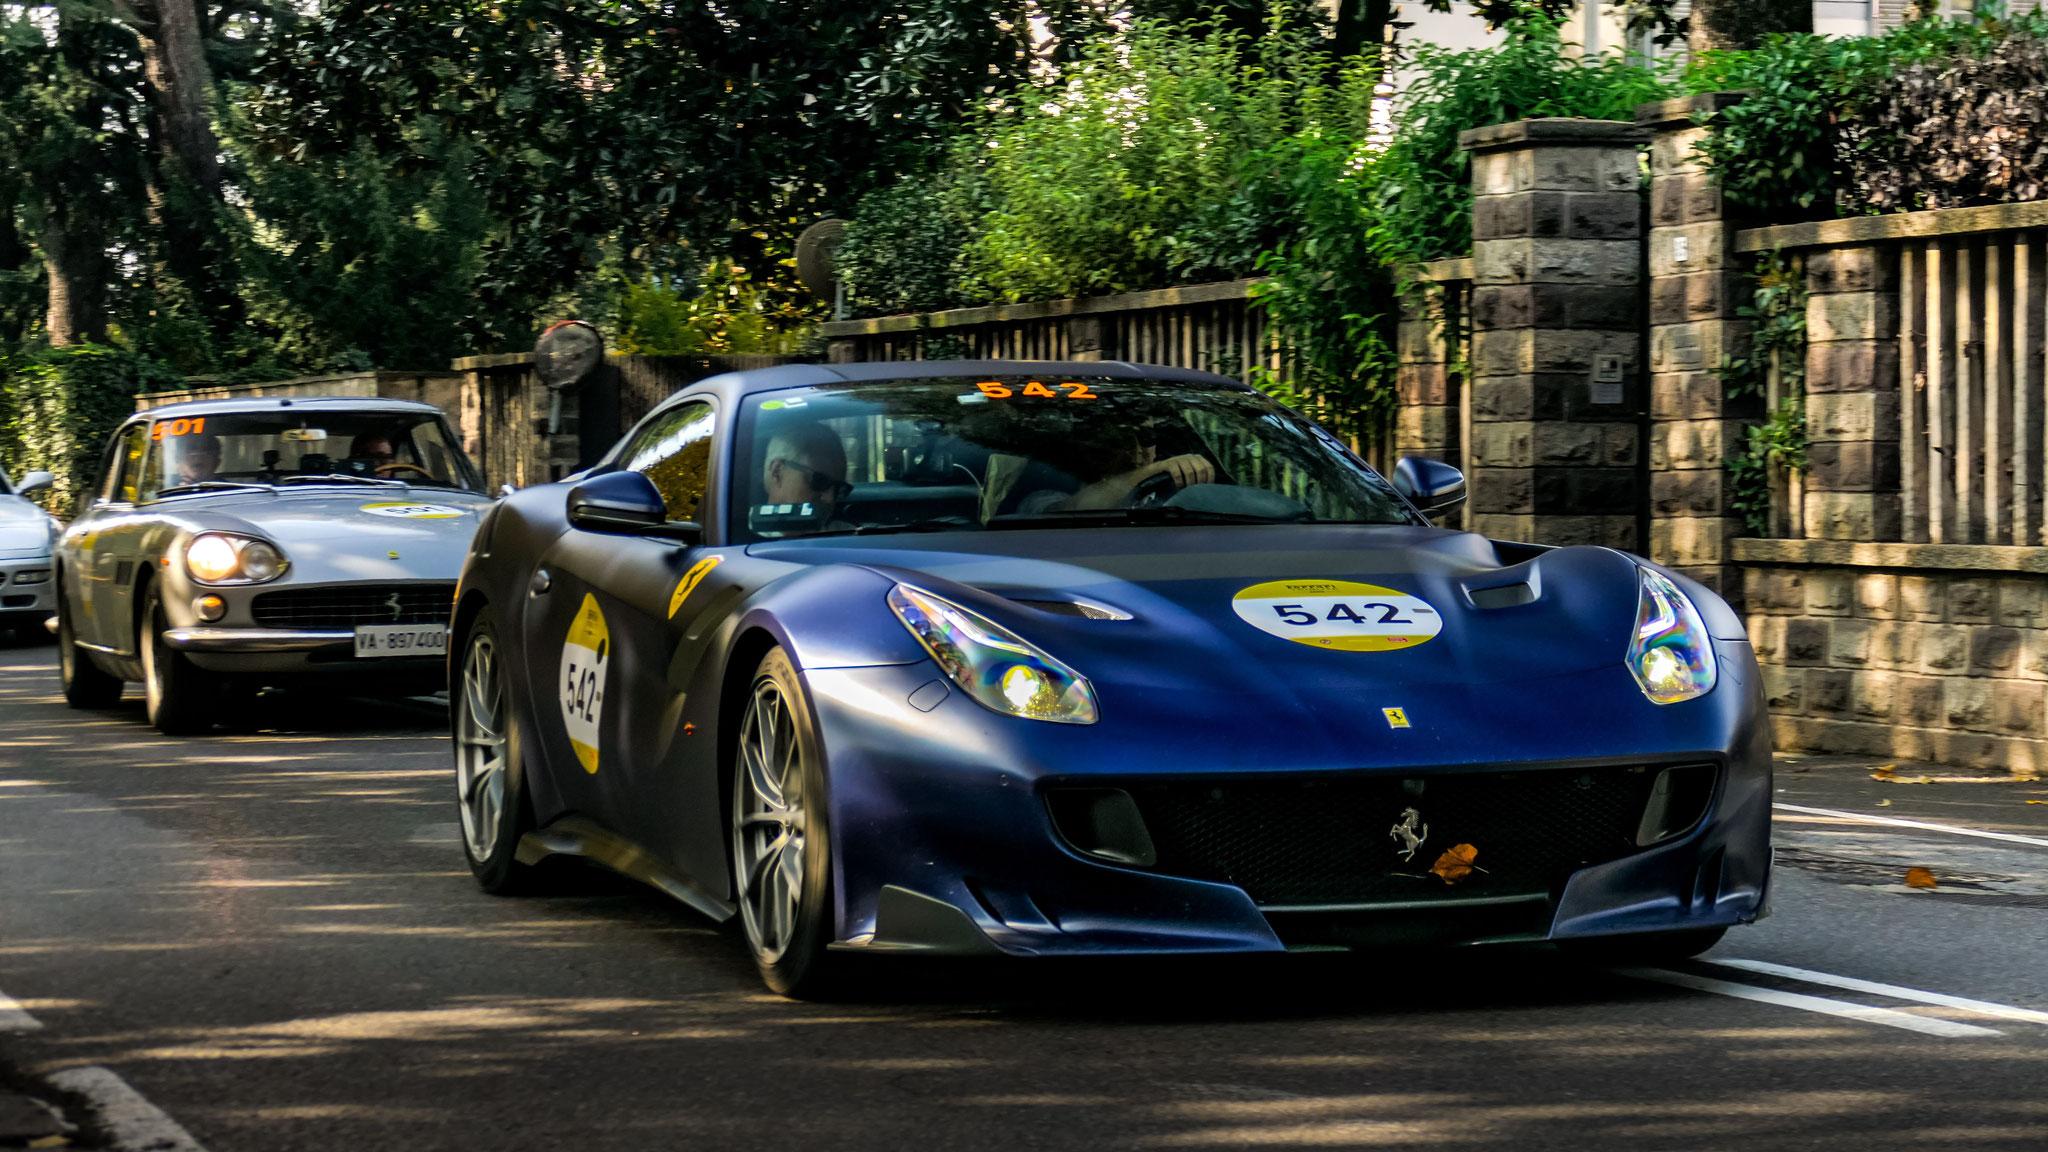 Ferrari F12 TDF - FL-HB-780